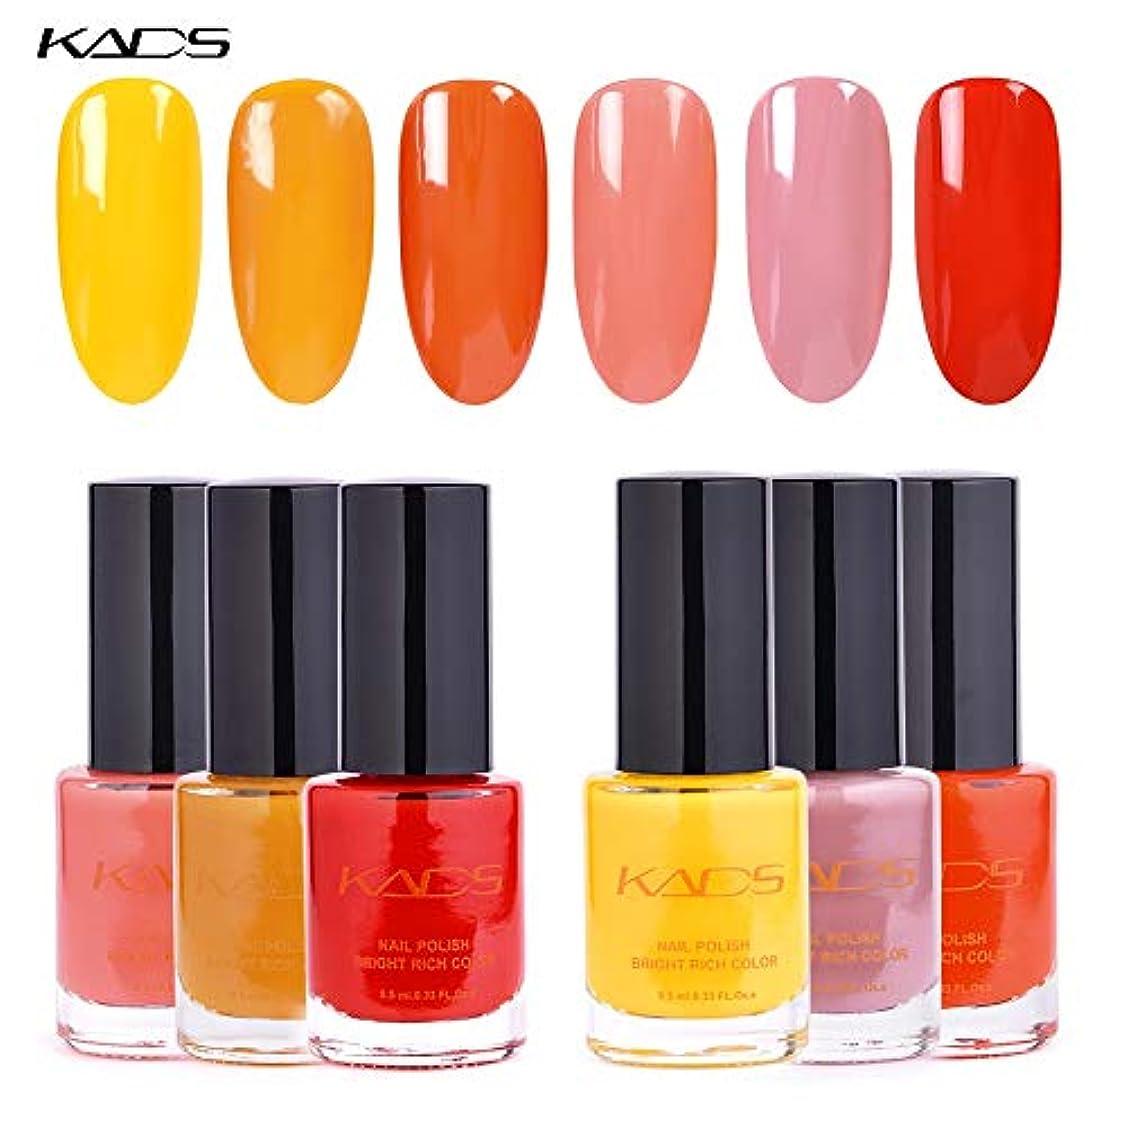 背景タフ前部KADS ネイルポリッシュ ゼリーシリーズ ピンク/オレンジ/イエロー 6色入り 9.5ML 艶長持ち マニキュアセット